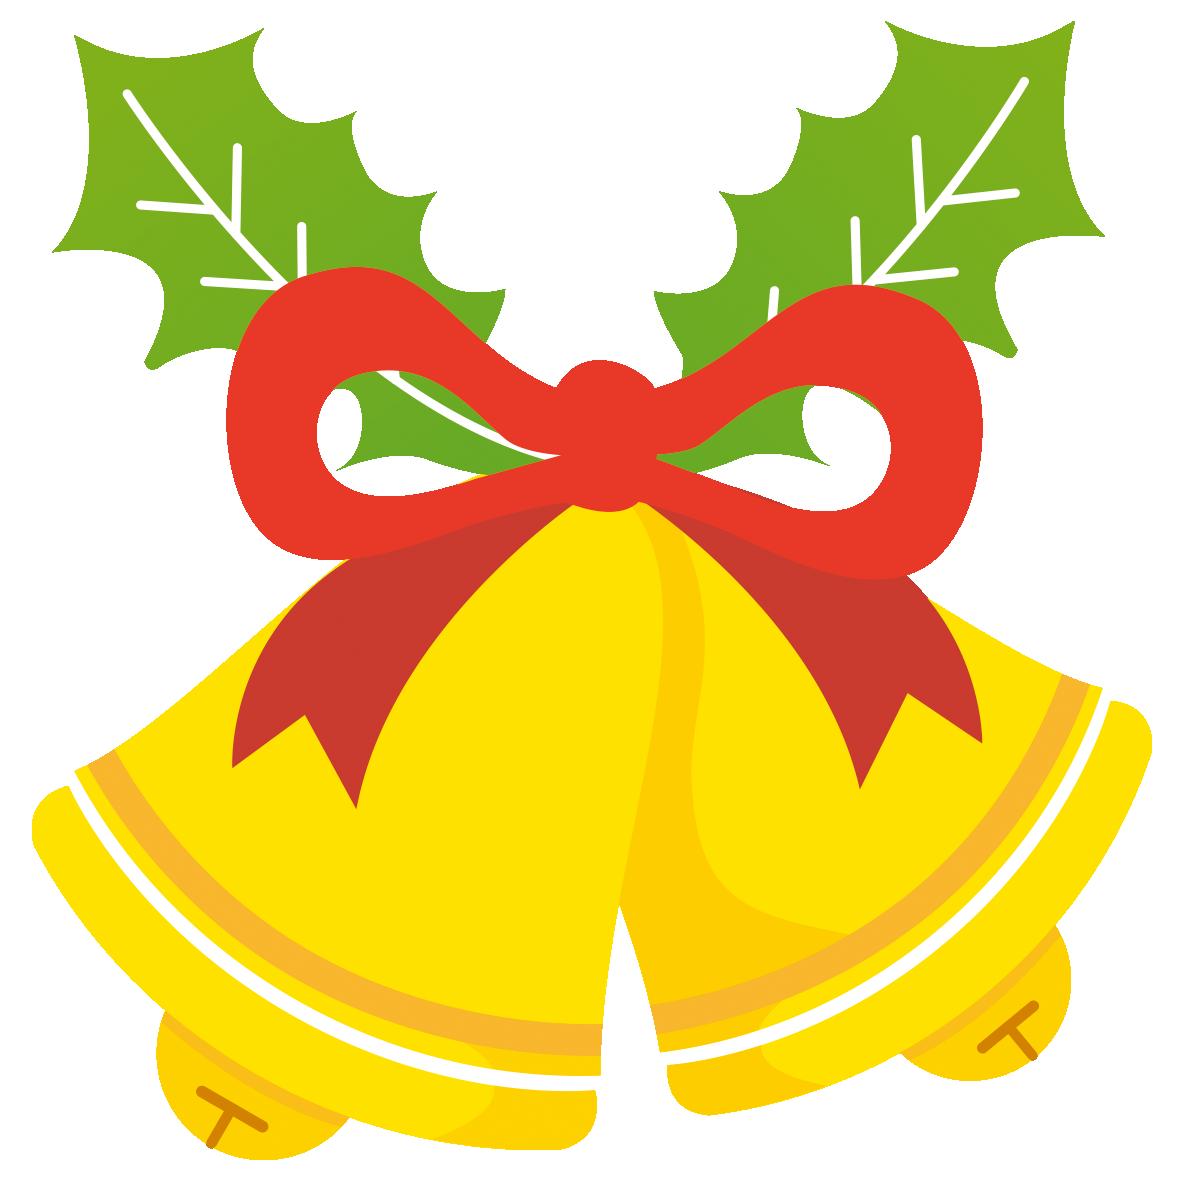 リボンで飾られたクリスマスベル 無料イラスト イラストareira